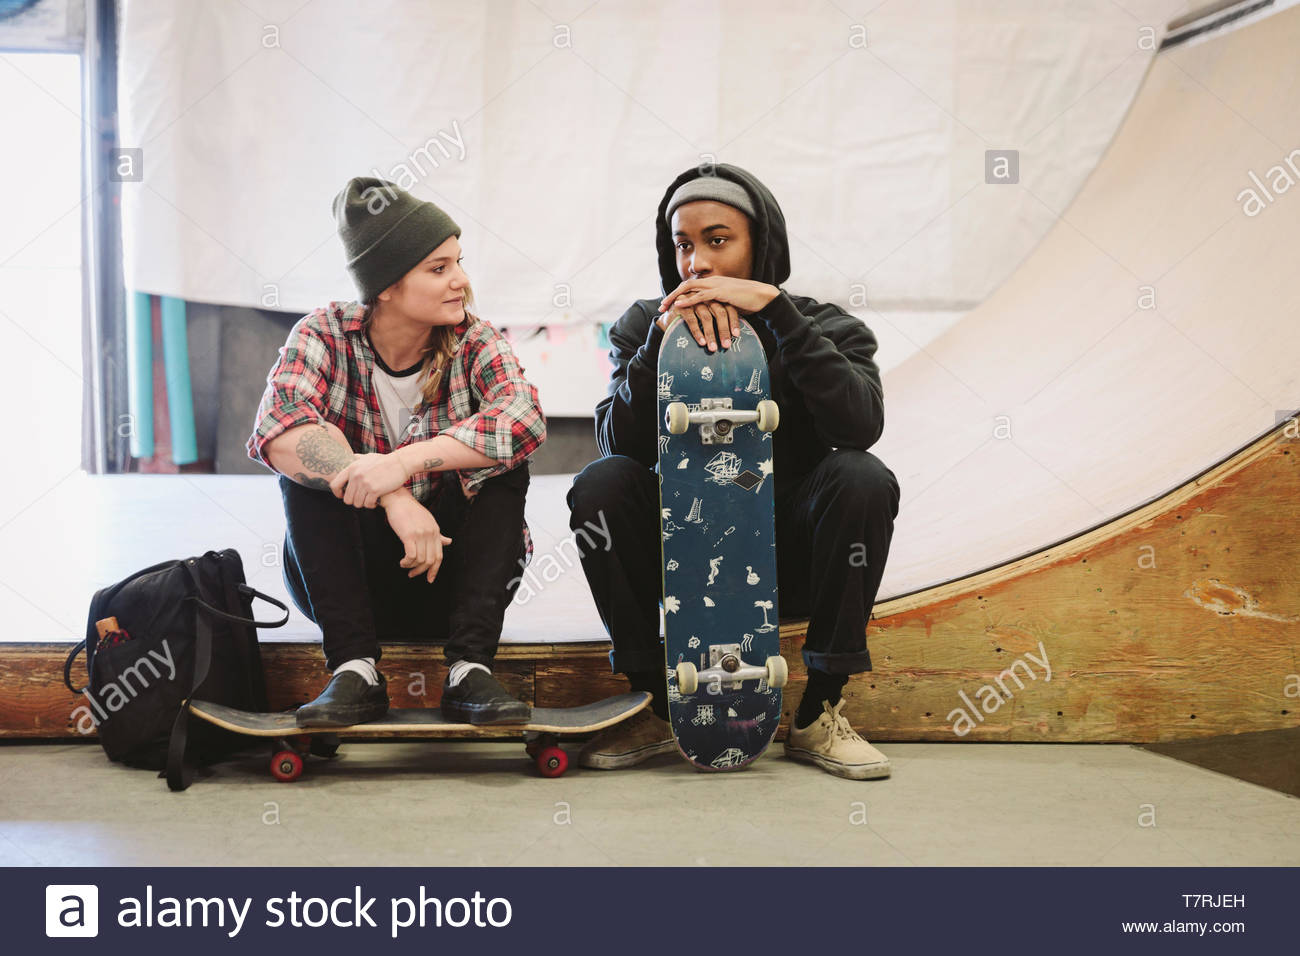 Junge Skateboarder reden indoor Skatepark Stockbild